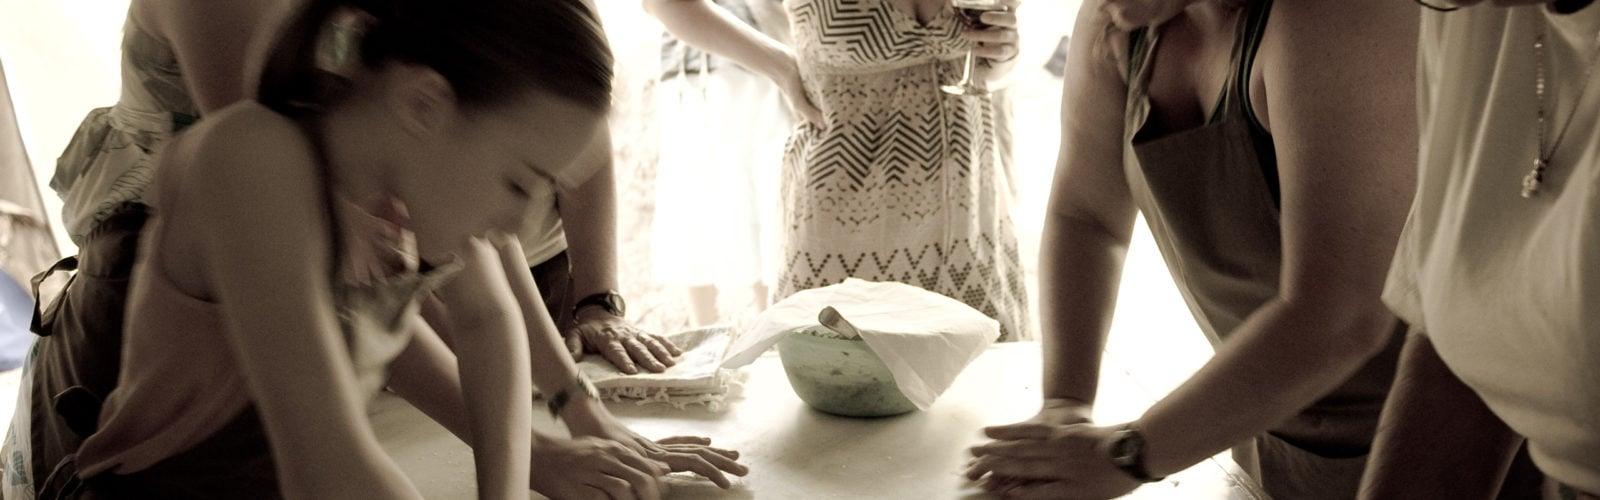 greece-cooking-dough